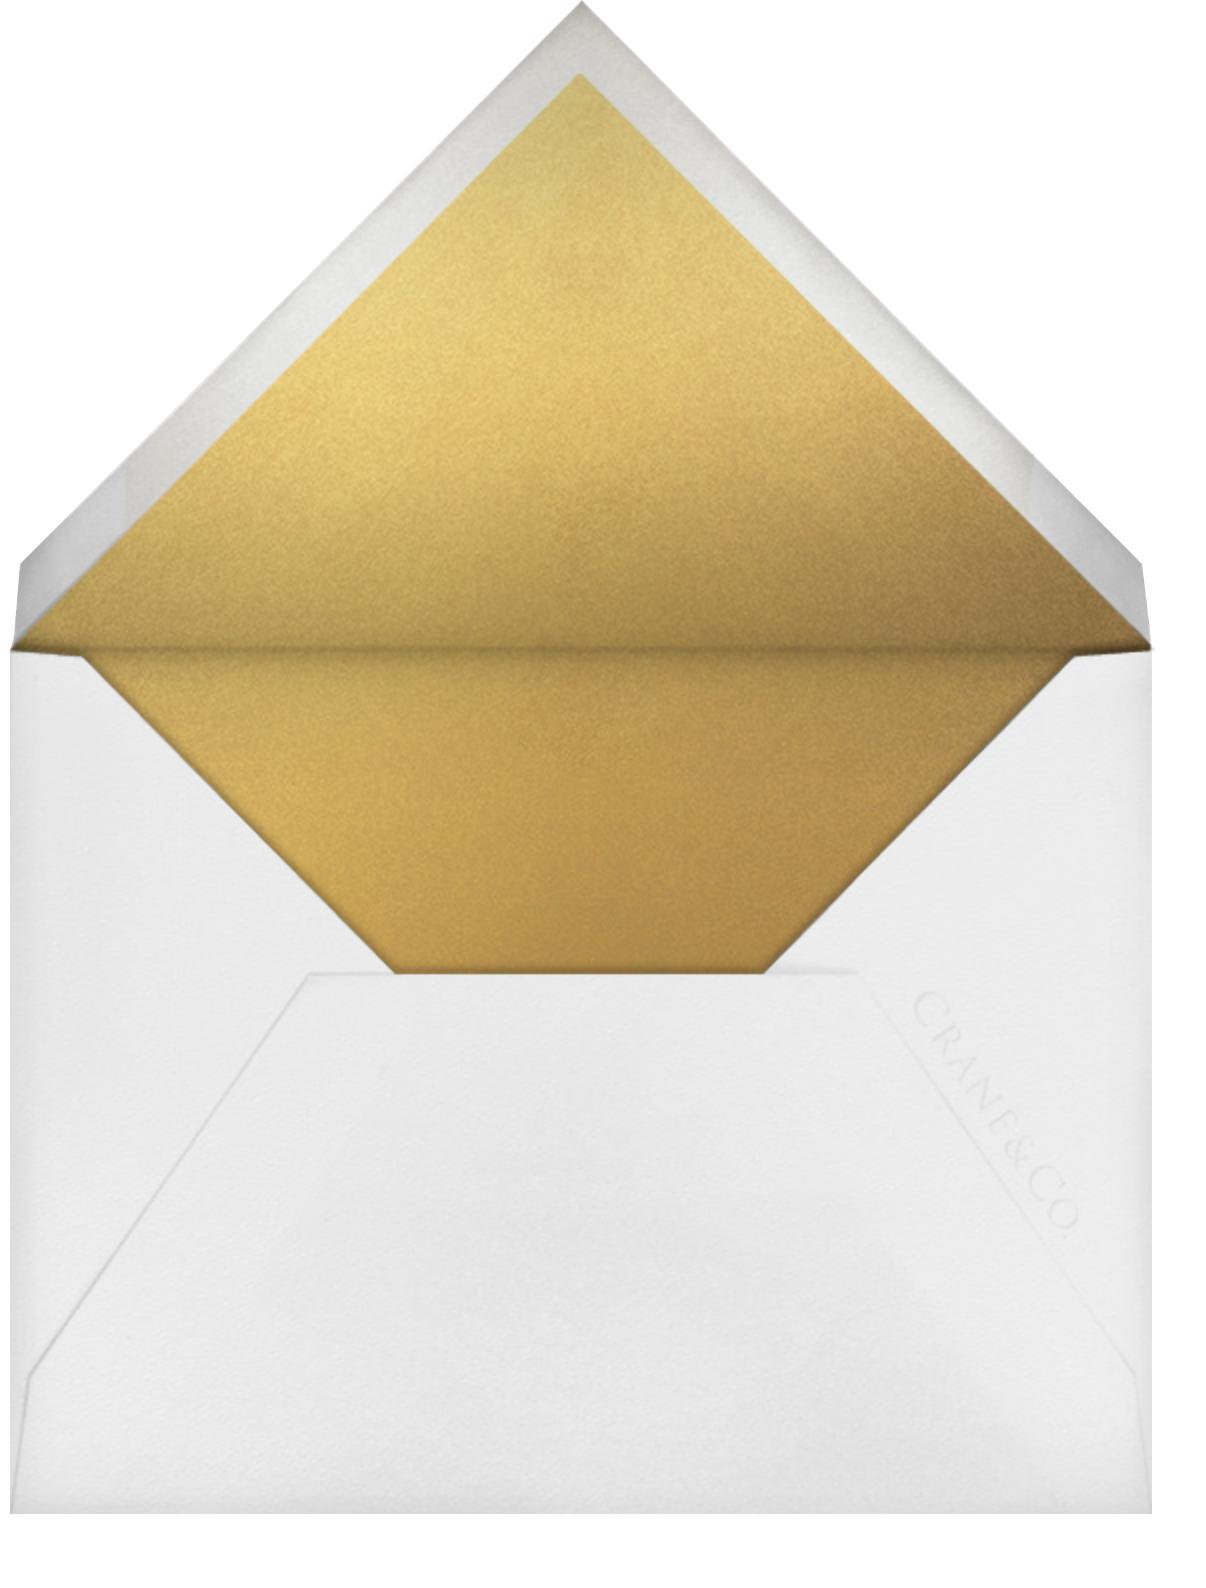 Stitched Floral I - Medium Gold (Save the Date) - Oscar de la Renta - Envelope